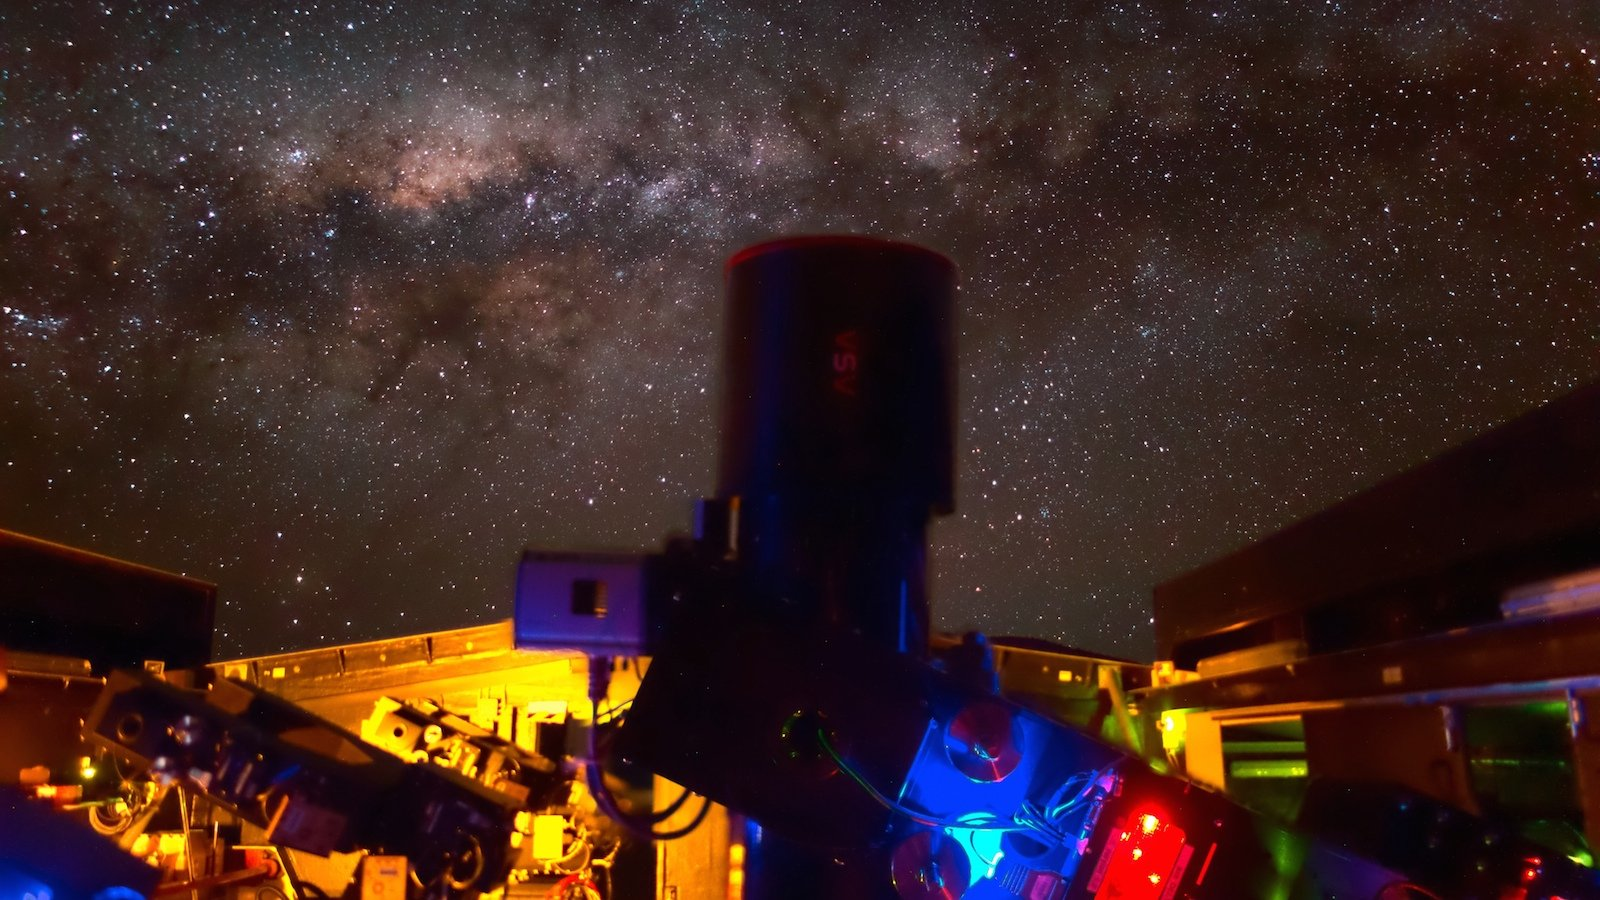 Diese NGTS-Aufnahme wurde mit Langzeitbelichtung gemacht. Im Hintergrund ist die Milchstraße zu sehen.